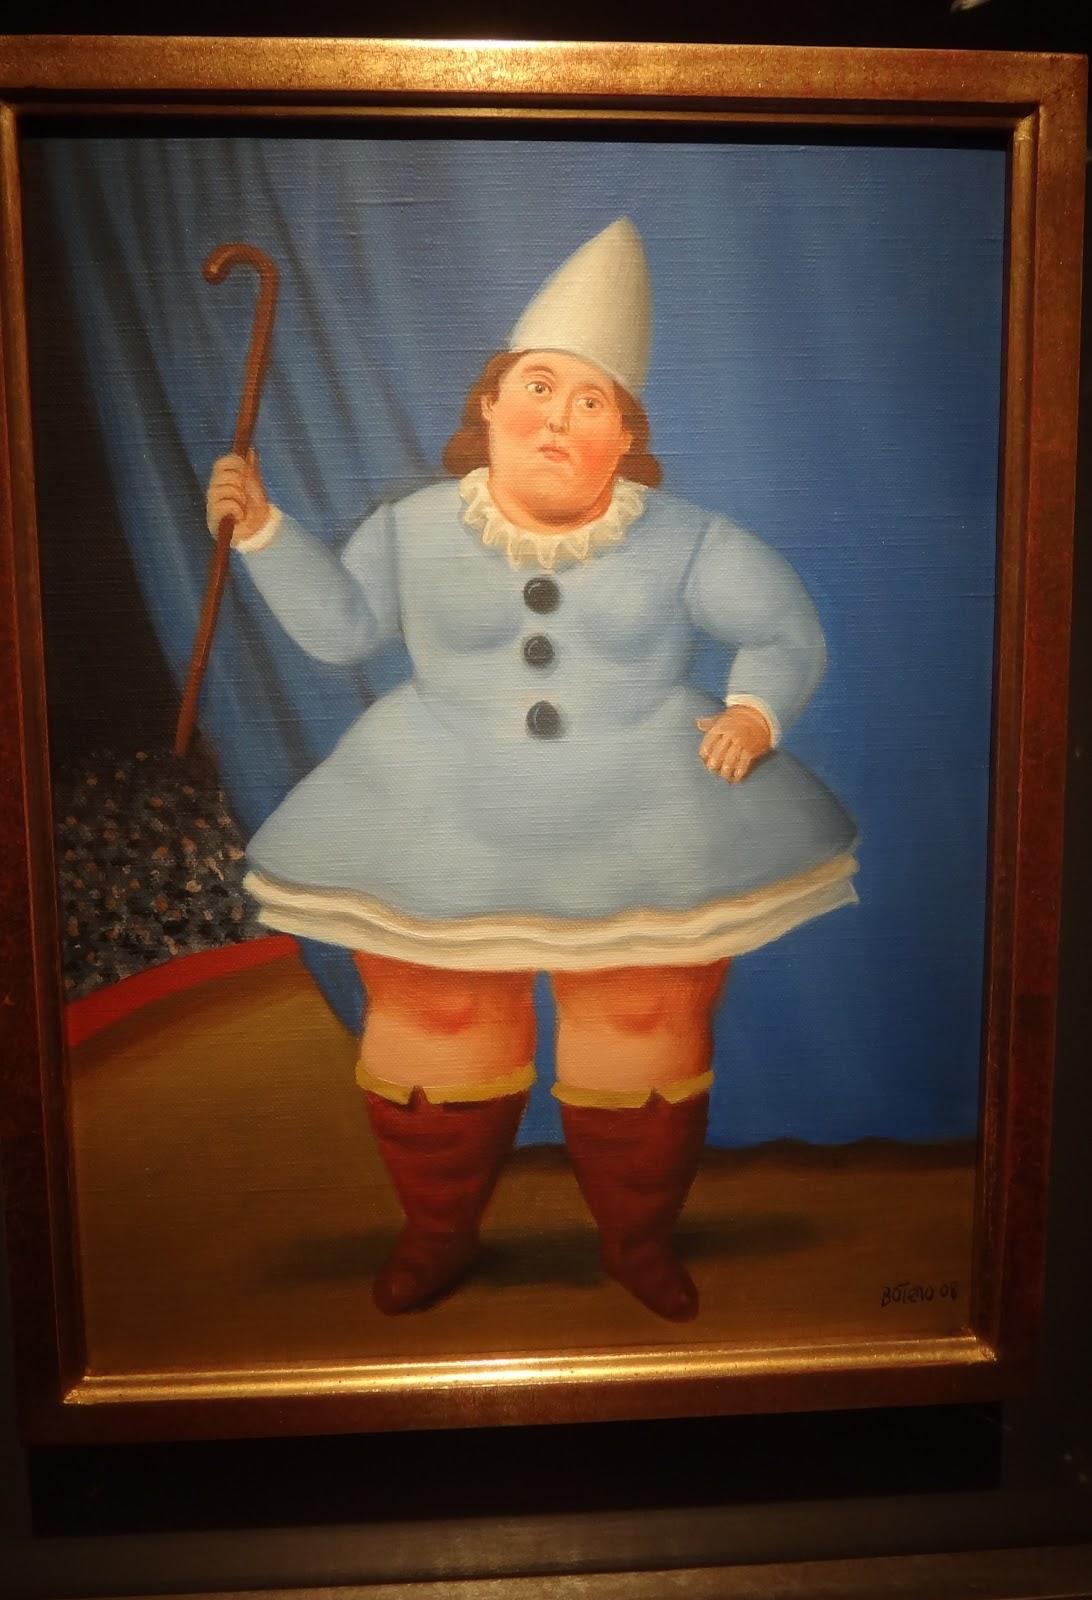 Fernando Botero - Circus Girl